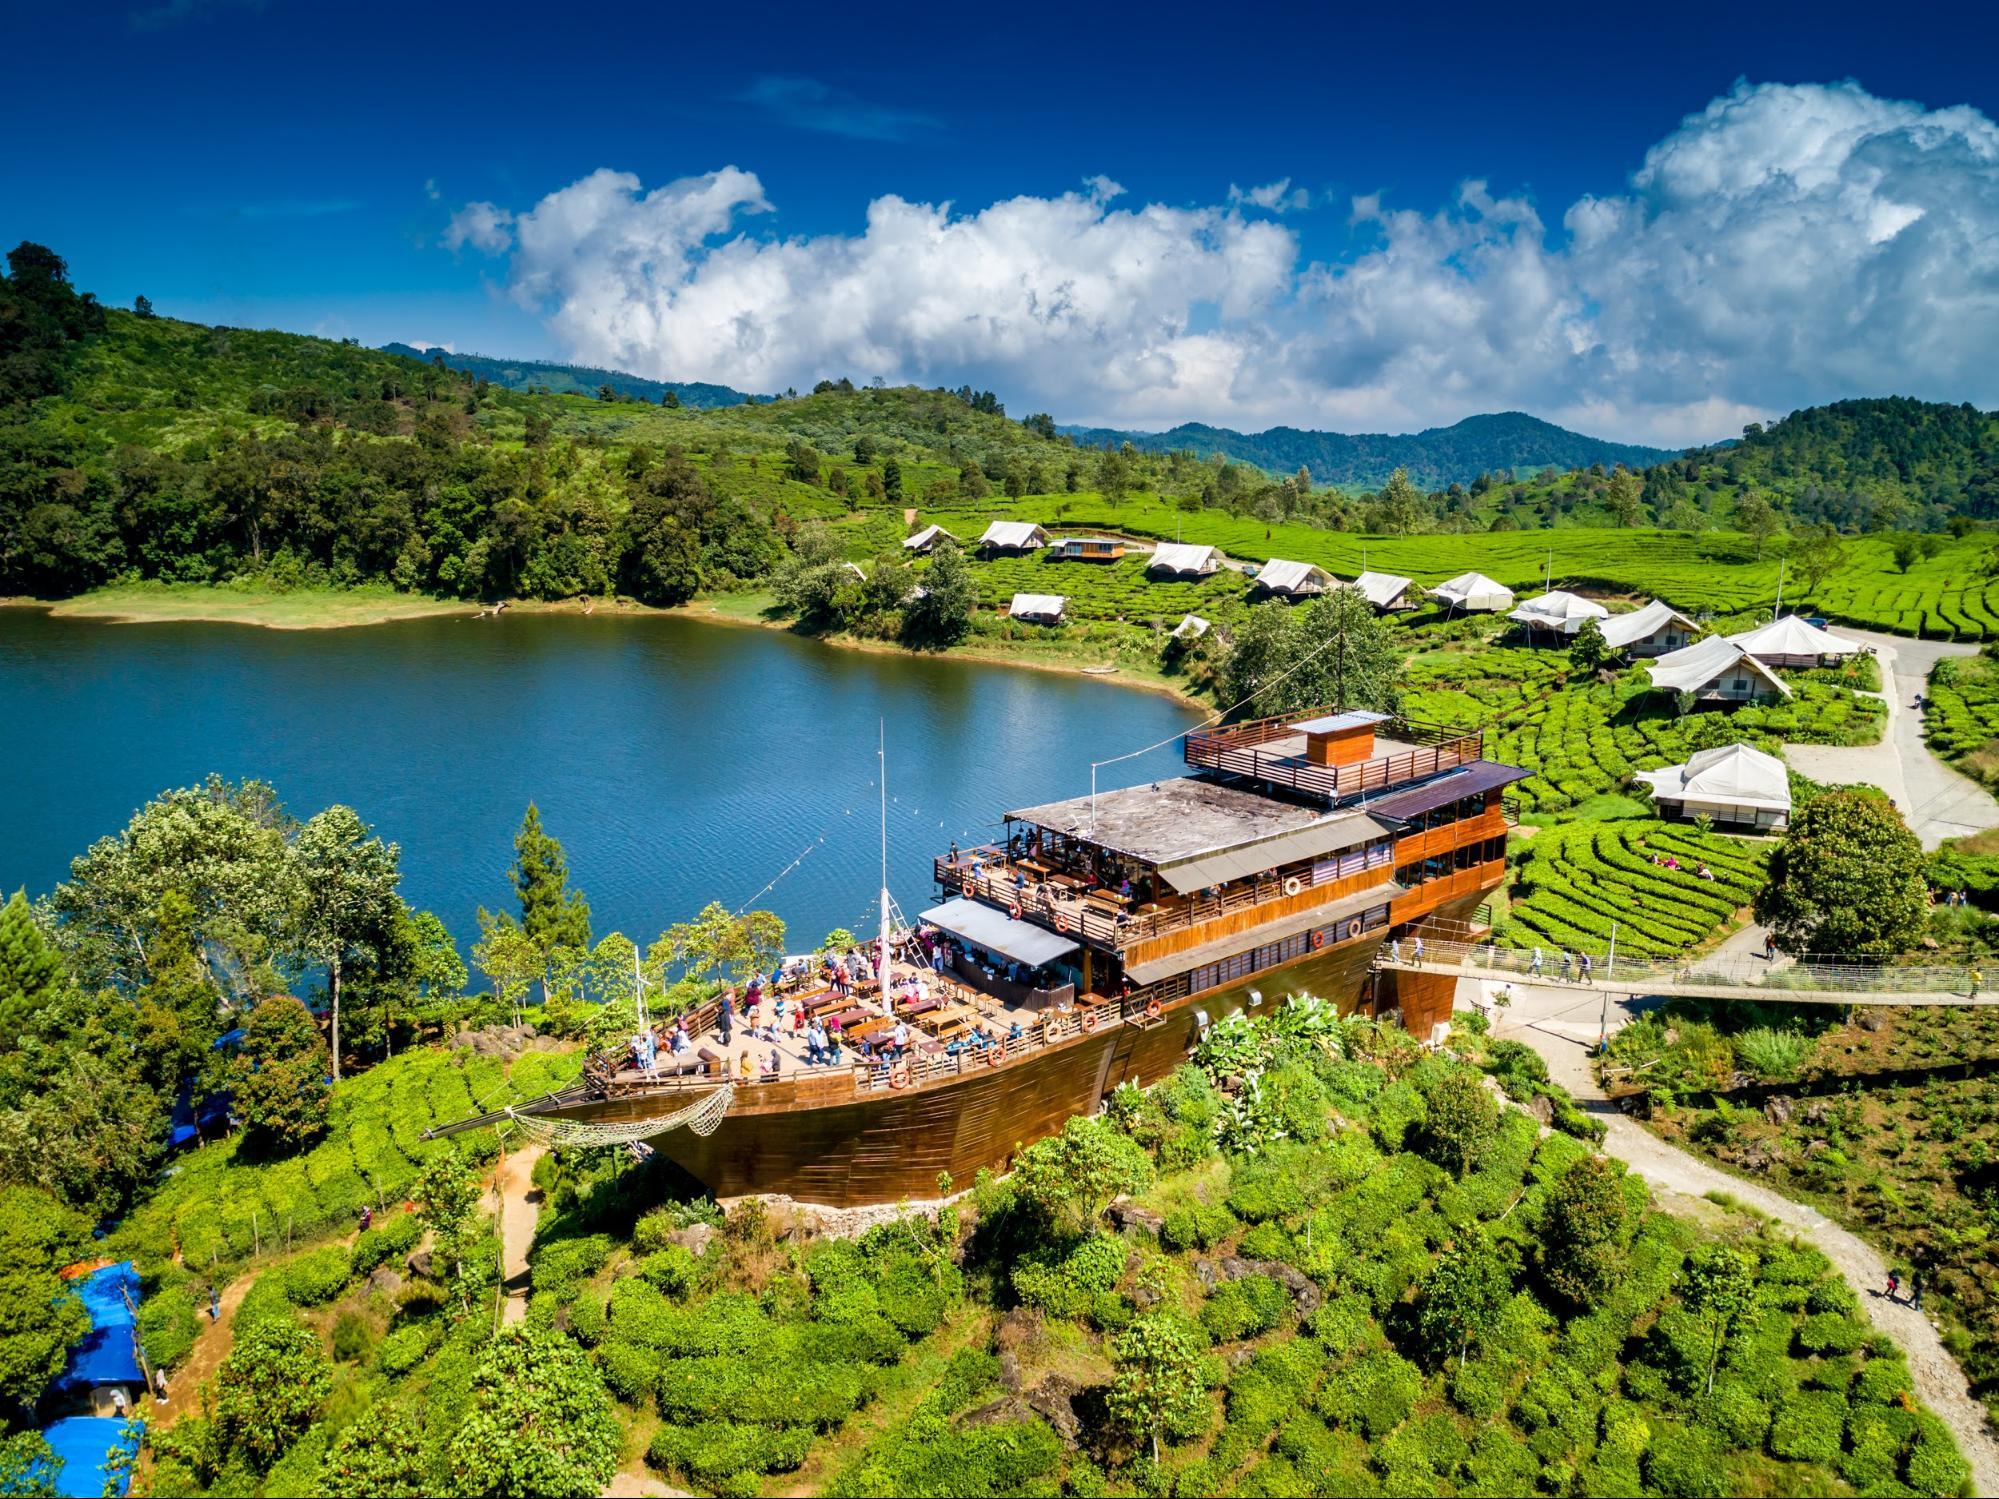 Bandung-Indonesia nhà hàng chiếc thuyền